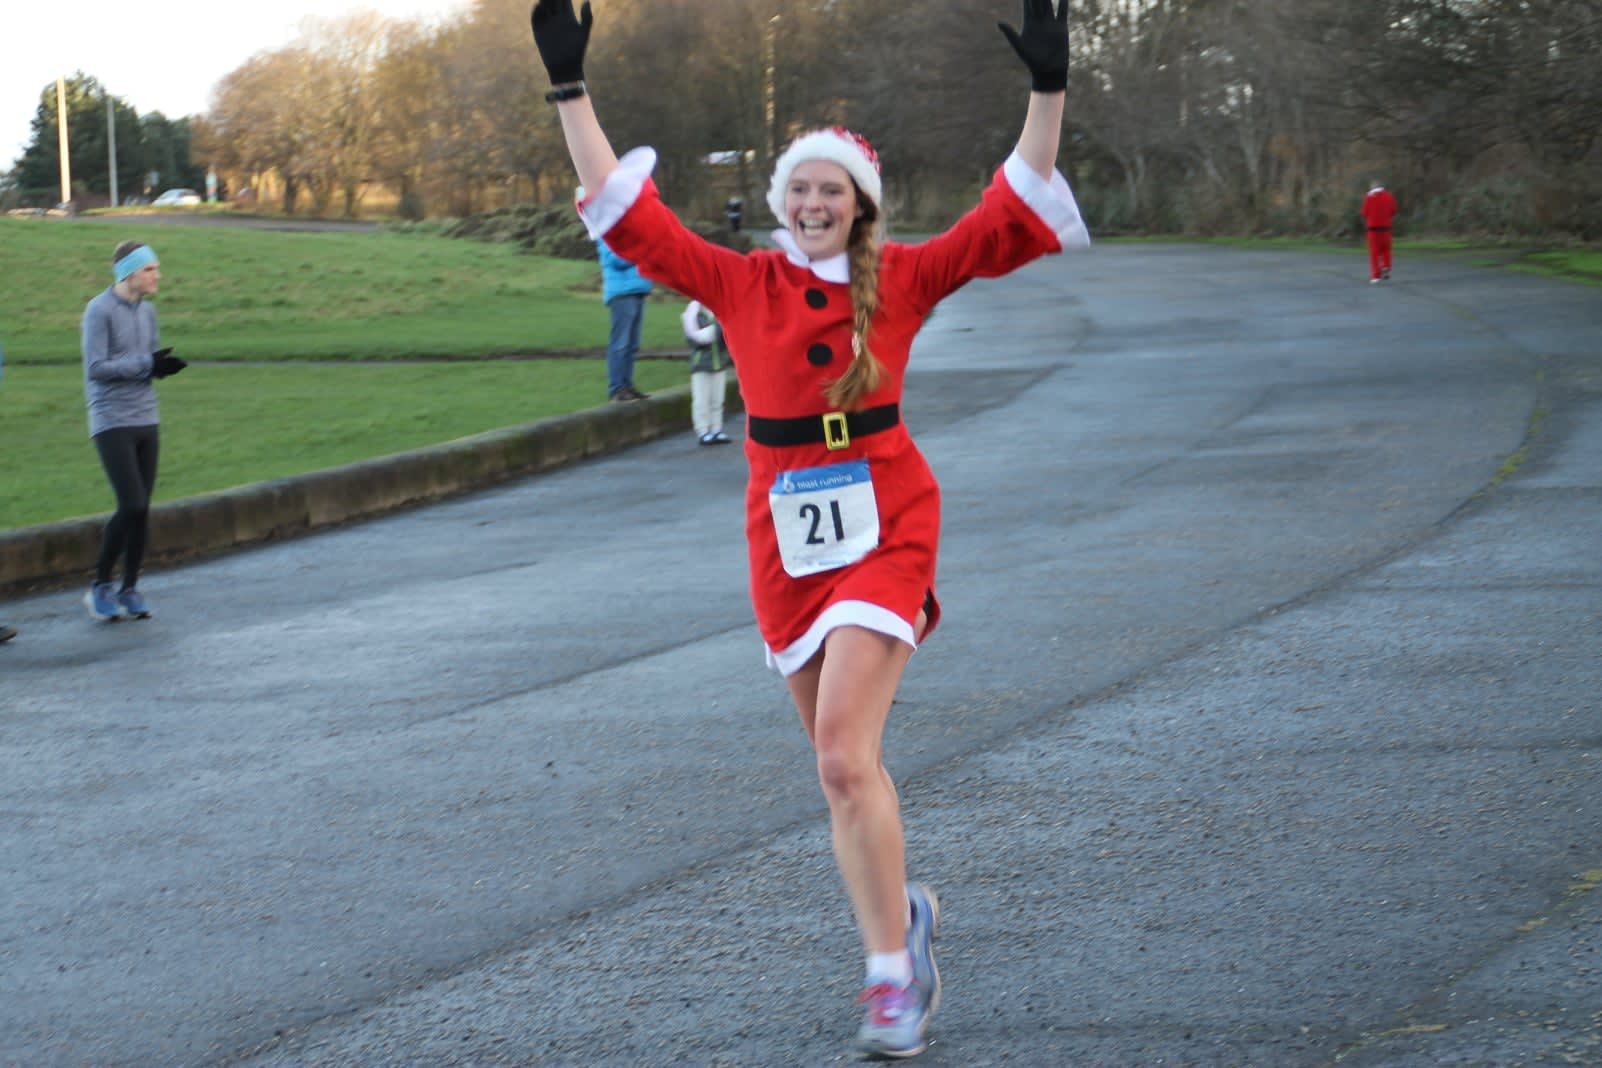 Santa Half Marathon, 7km and 14km